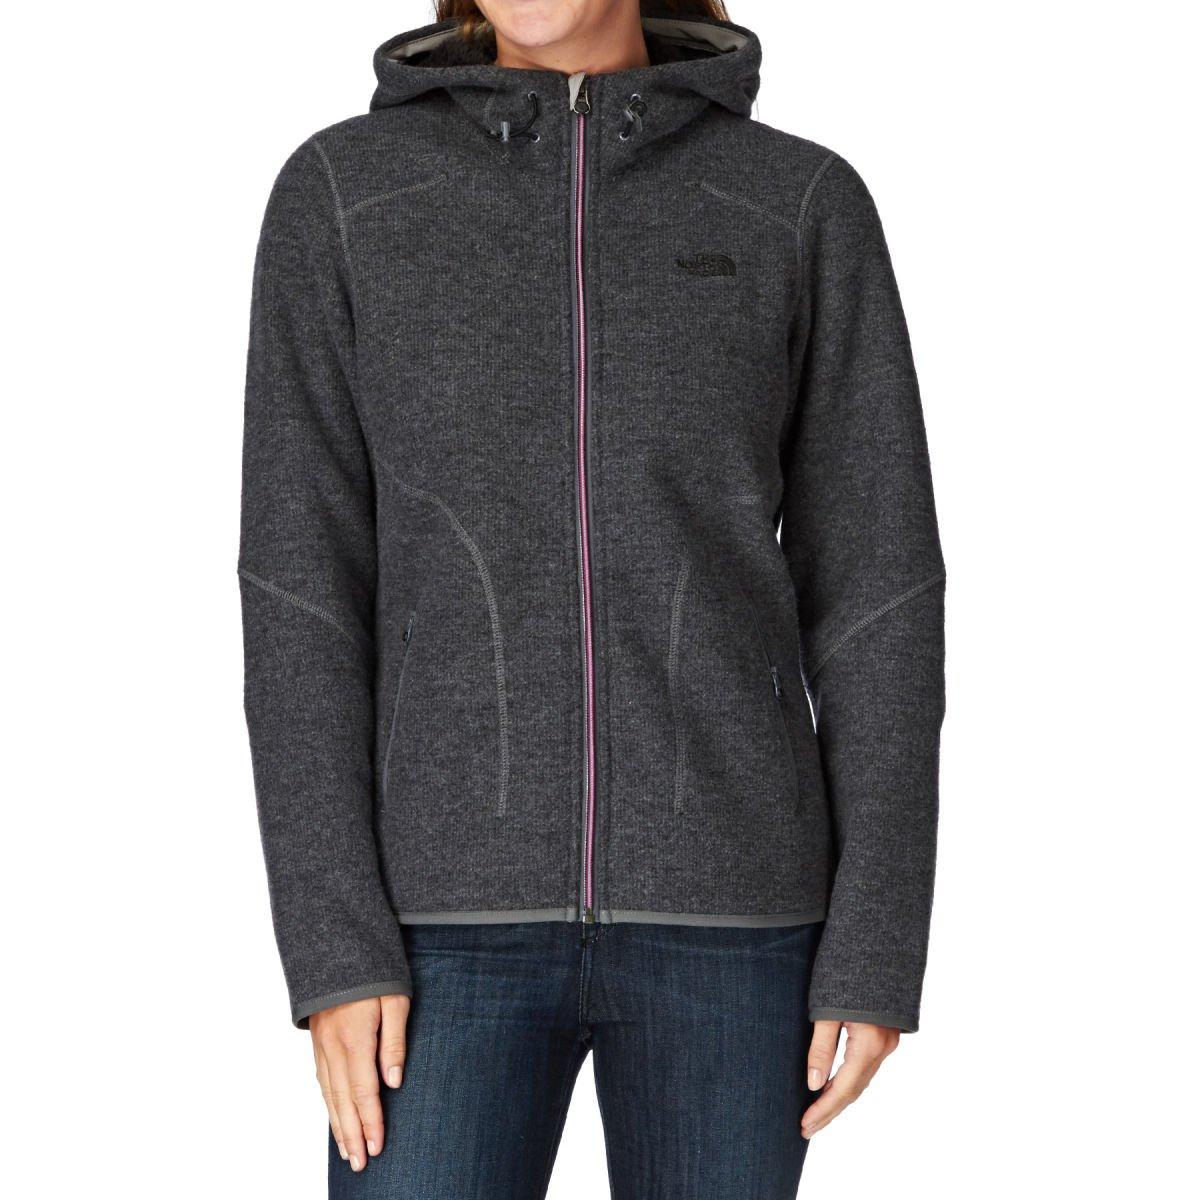 THE NORTH FACE Damen Fleecejacke Zermatt Full Zip Hoodie online bestellen